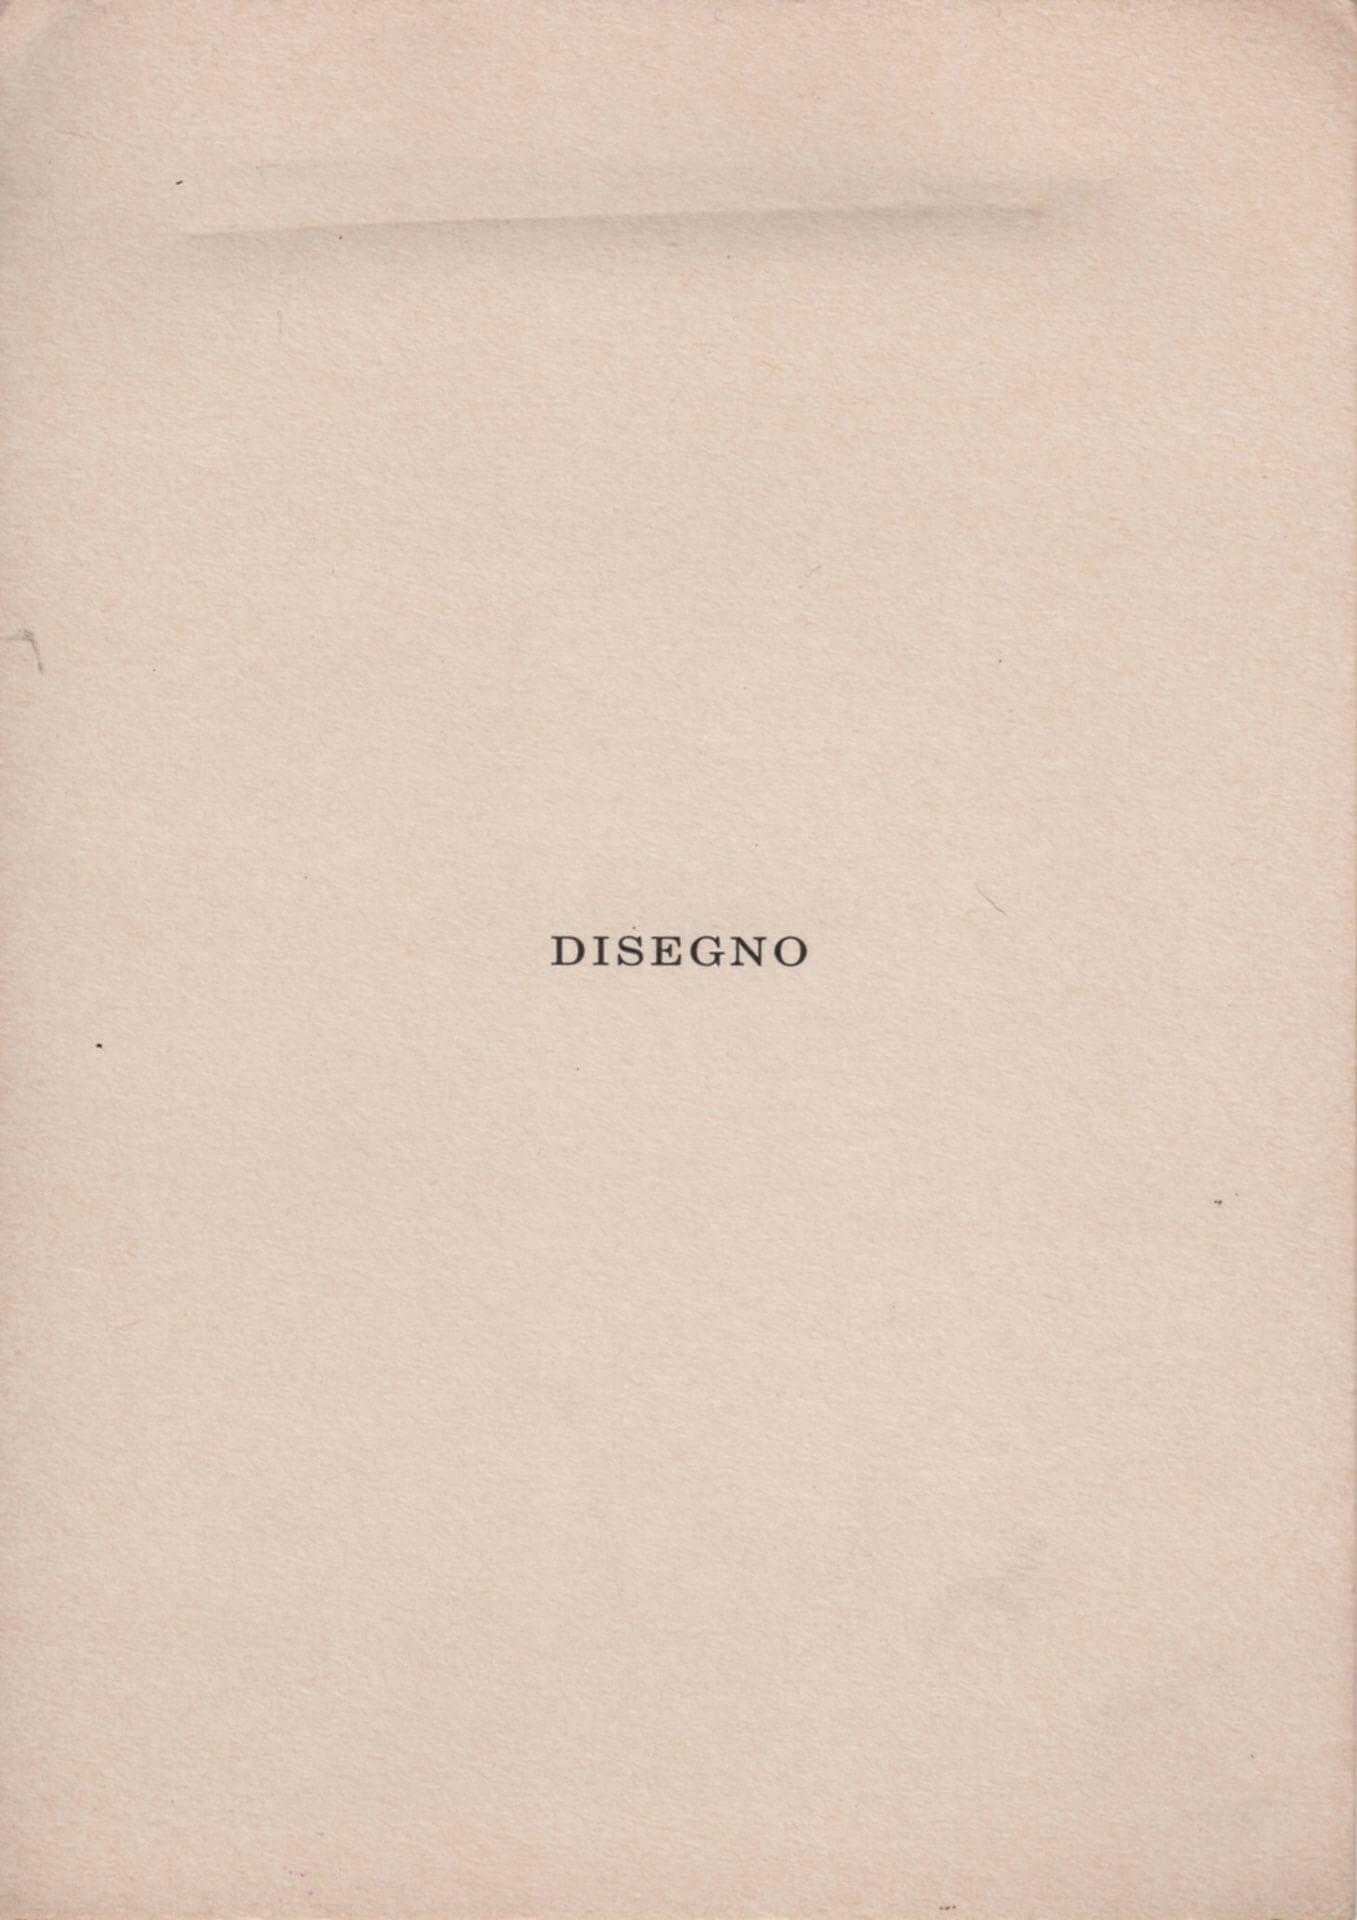 Studio Stefania Miscetti | Catalogues | Paolo Canevari | Disegno